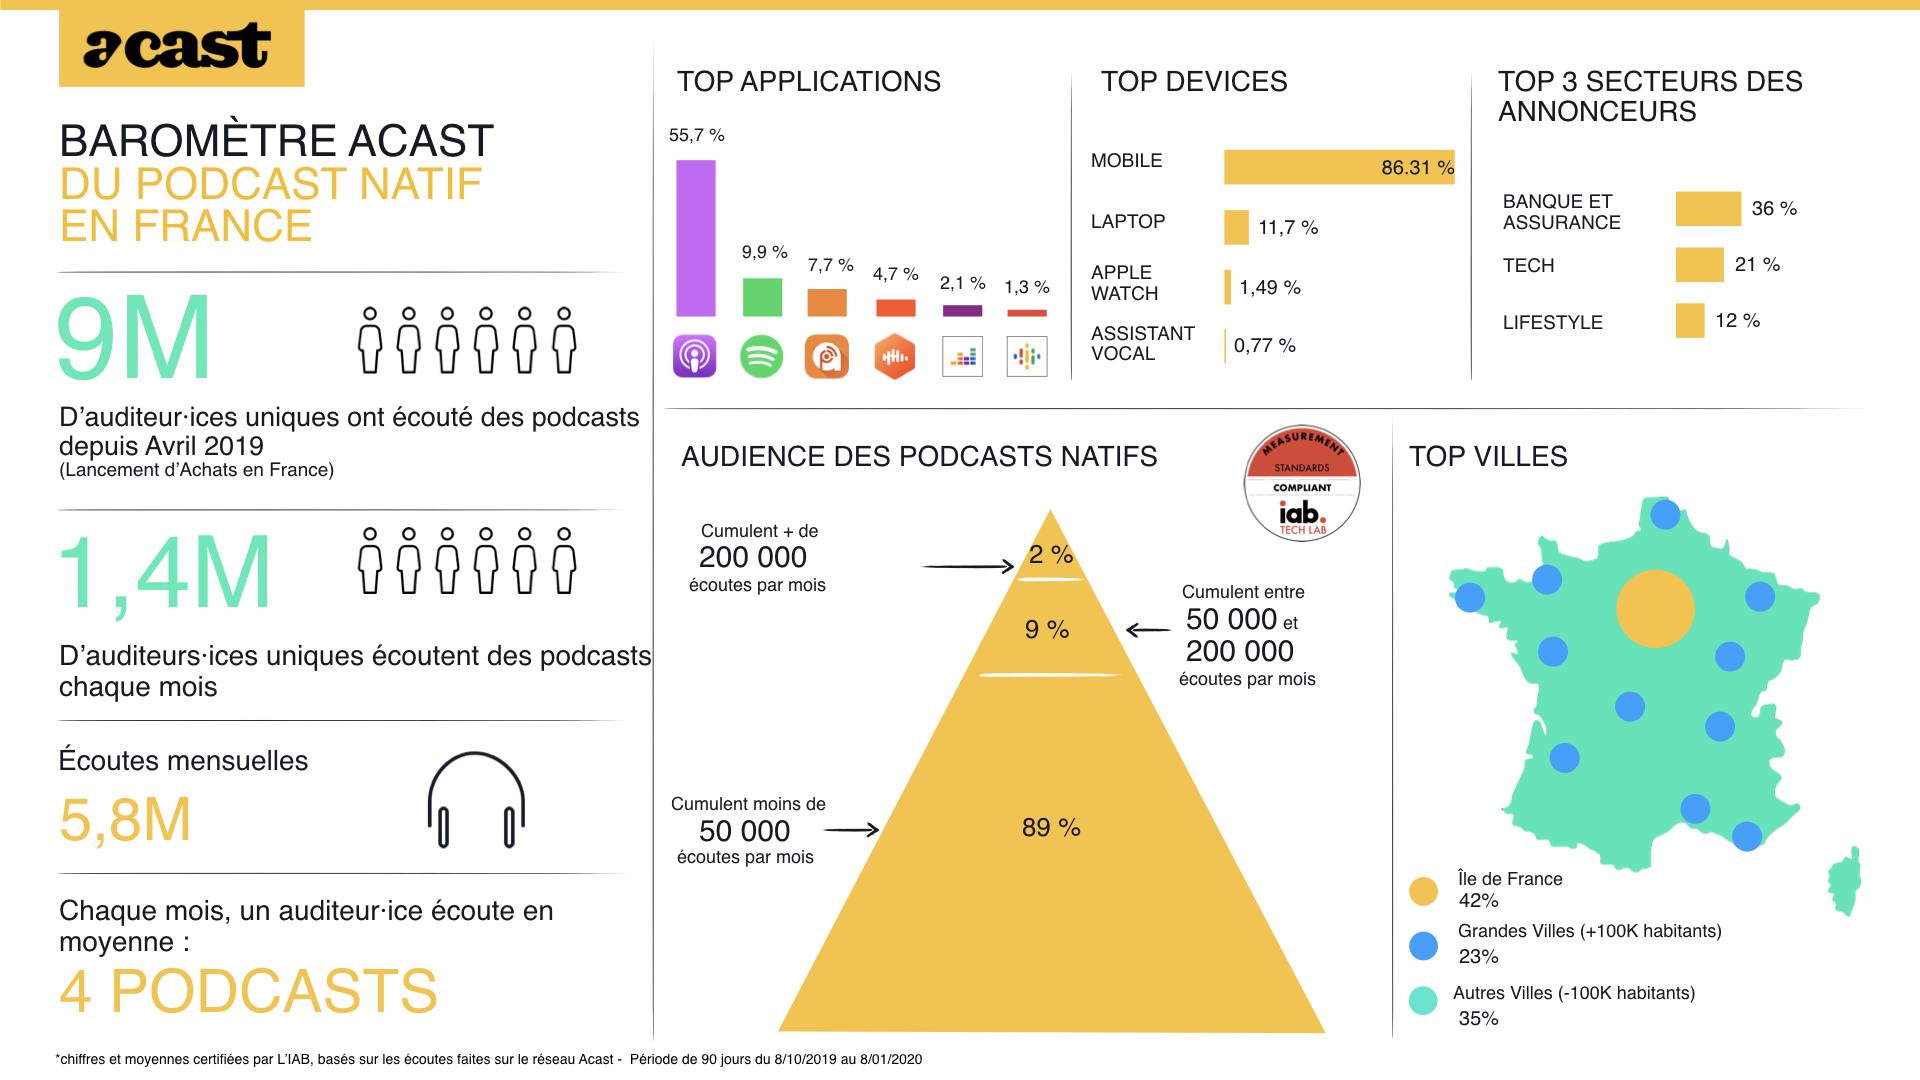 Plus de 9 millions d'auditeurs uniques sur Acast